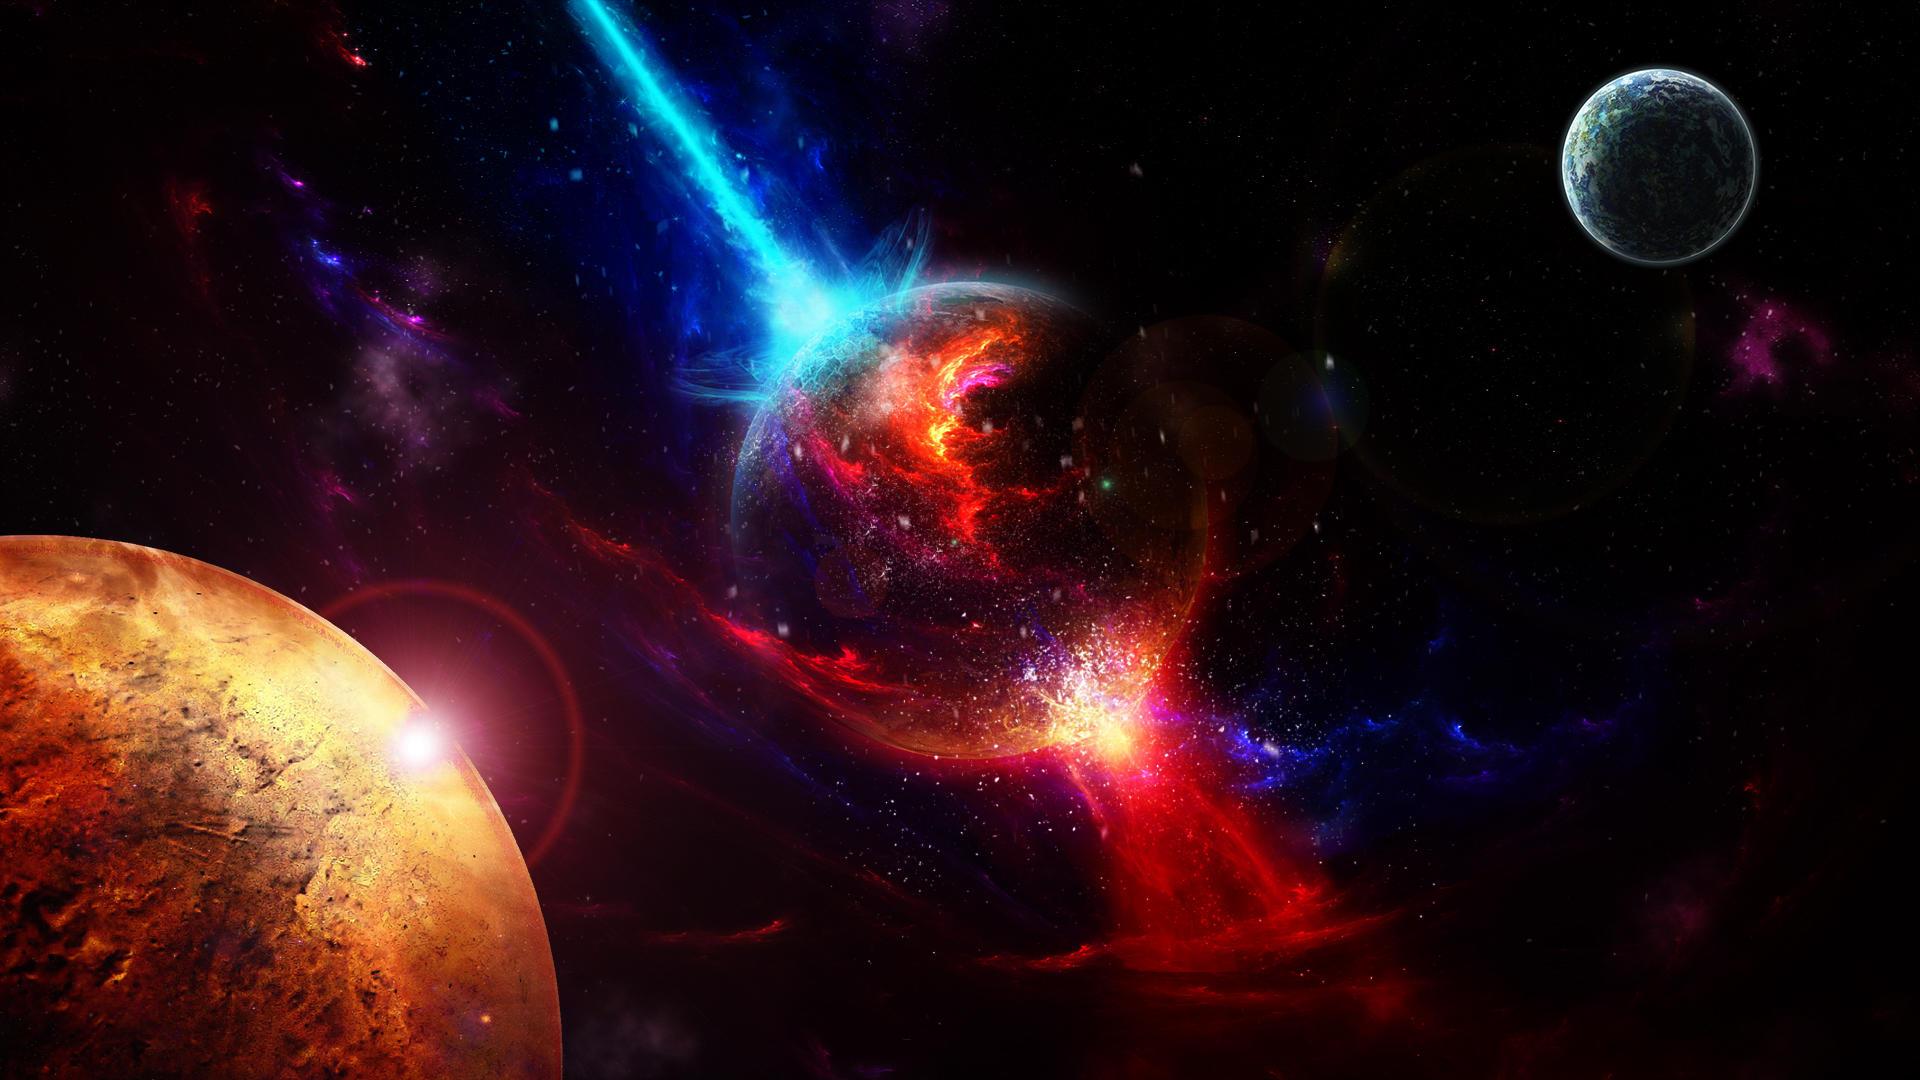 Обои космос галактика природа картинки на рабочий стол на тему Космос — скачать онлайн